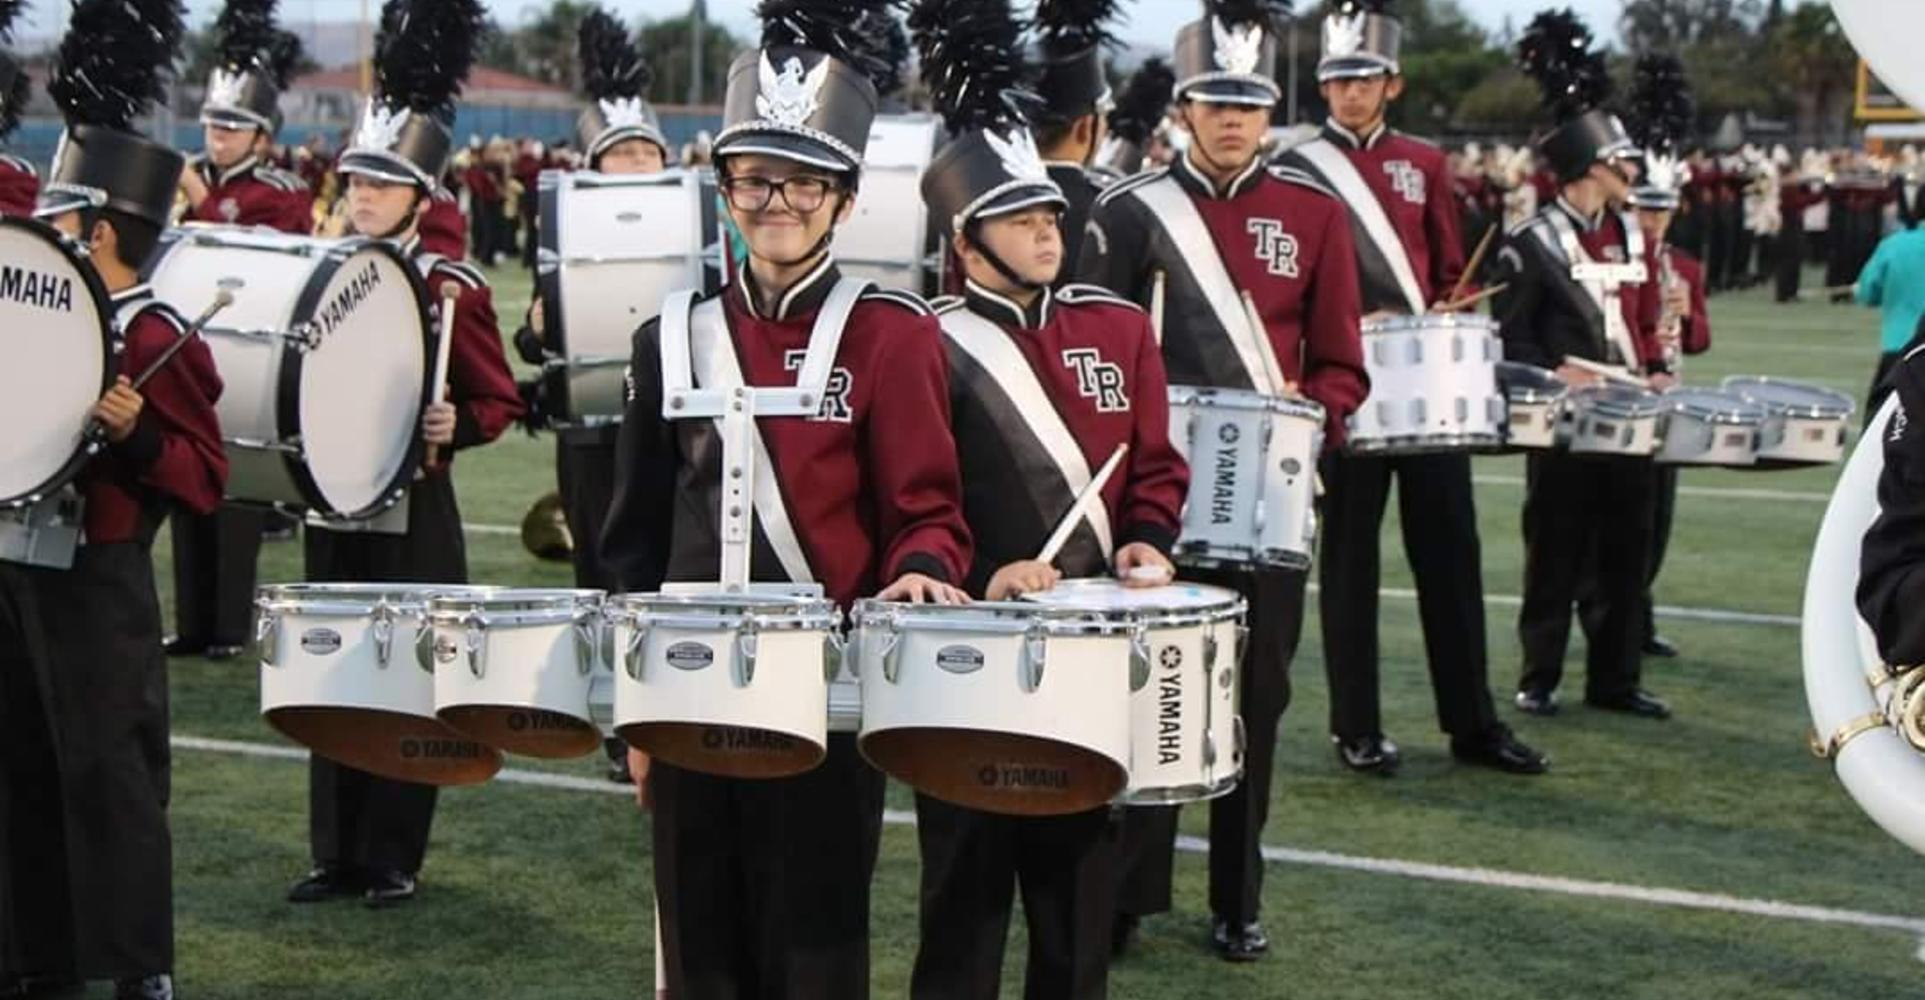 Drummer smiling.